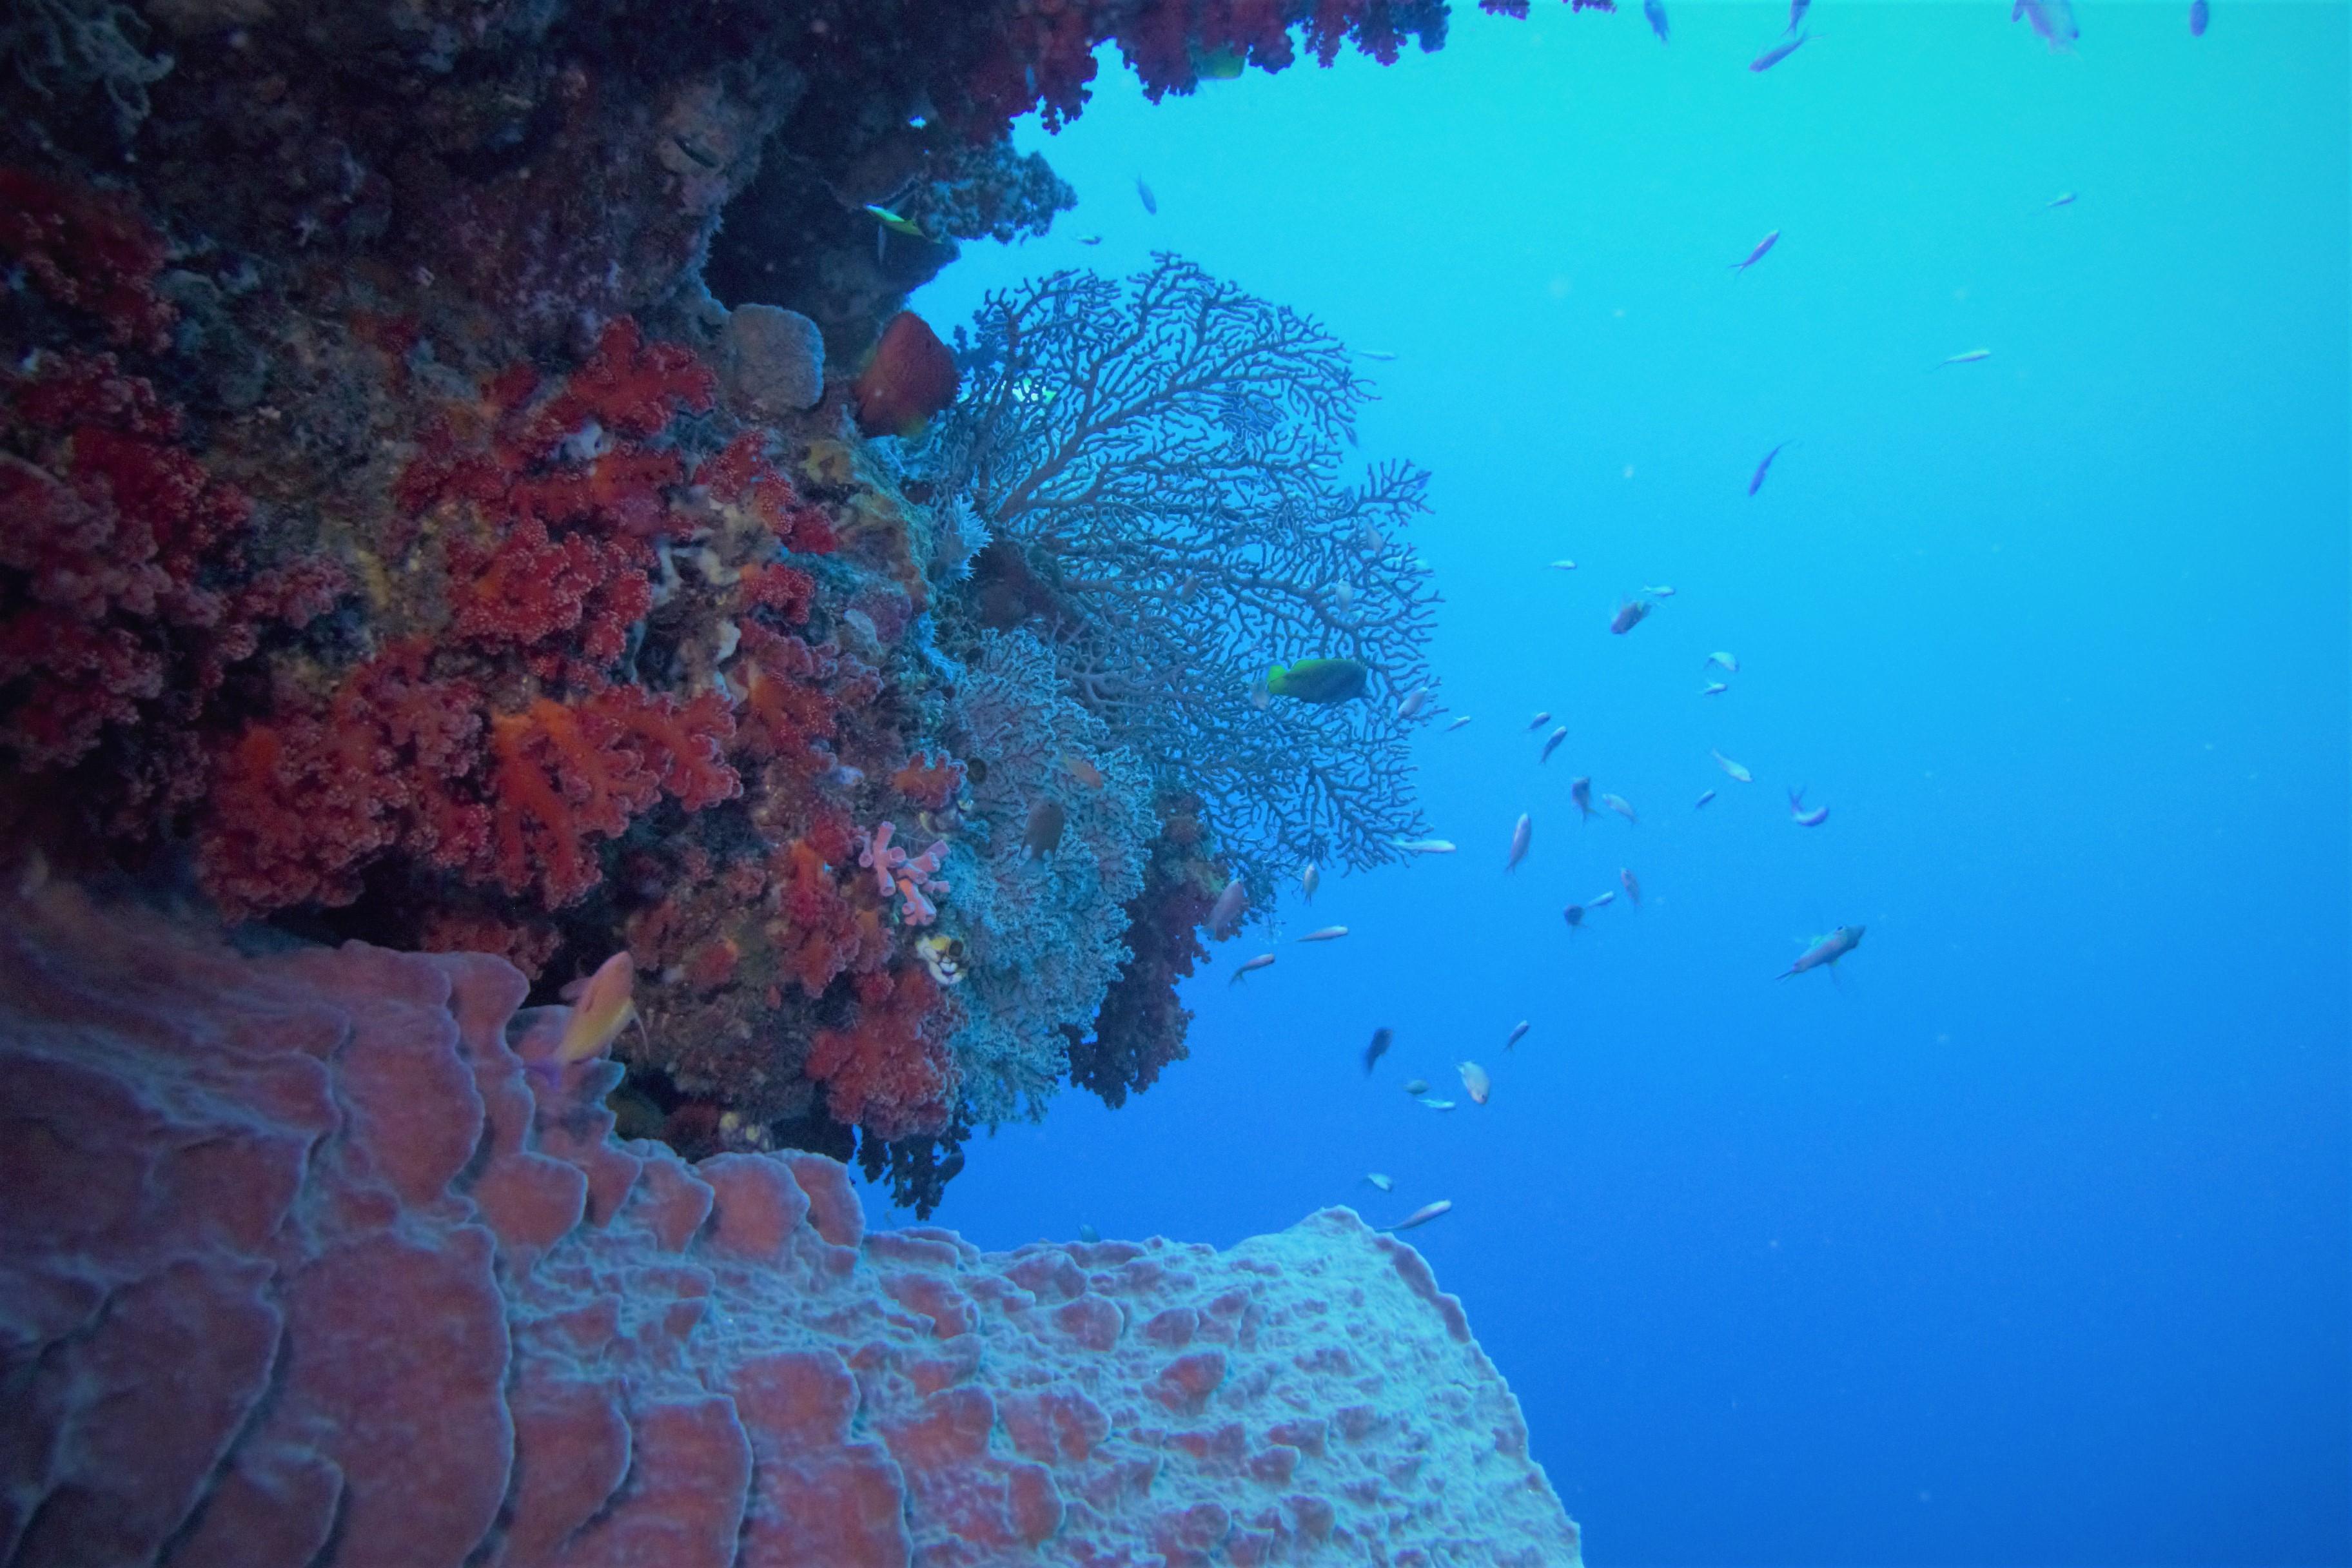 overhang_sponge